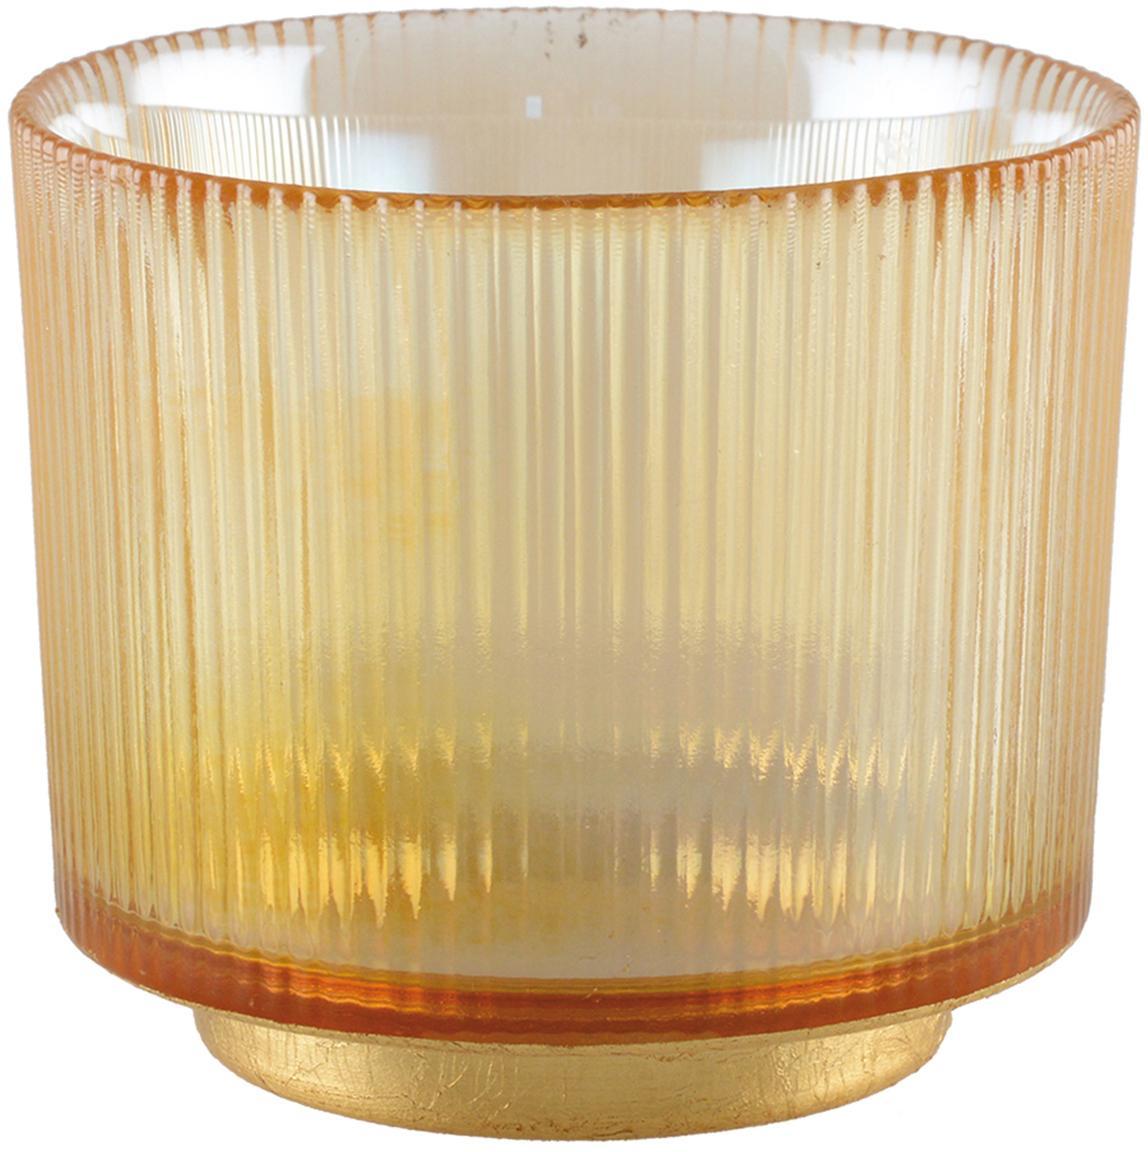 Teelichthalter Luster, Glas, Metall, Bernsteinfarben, transparent, Goldfarben, Ø 10 cm